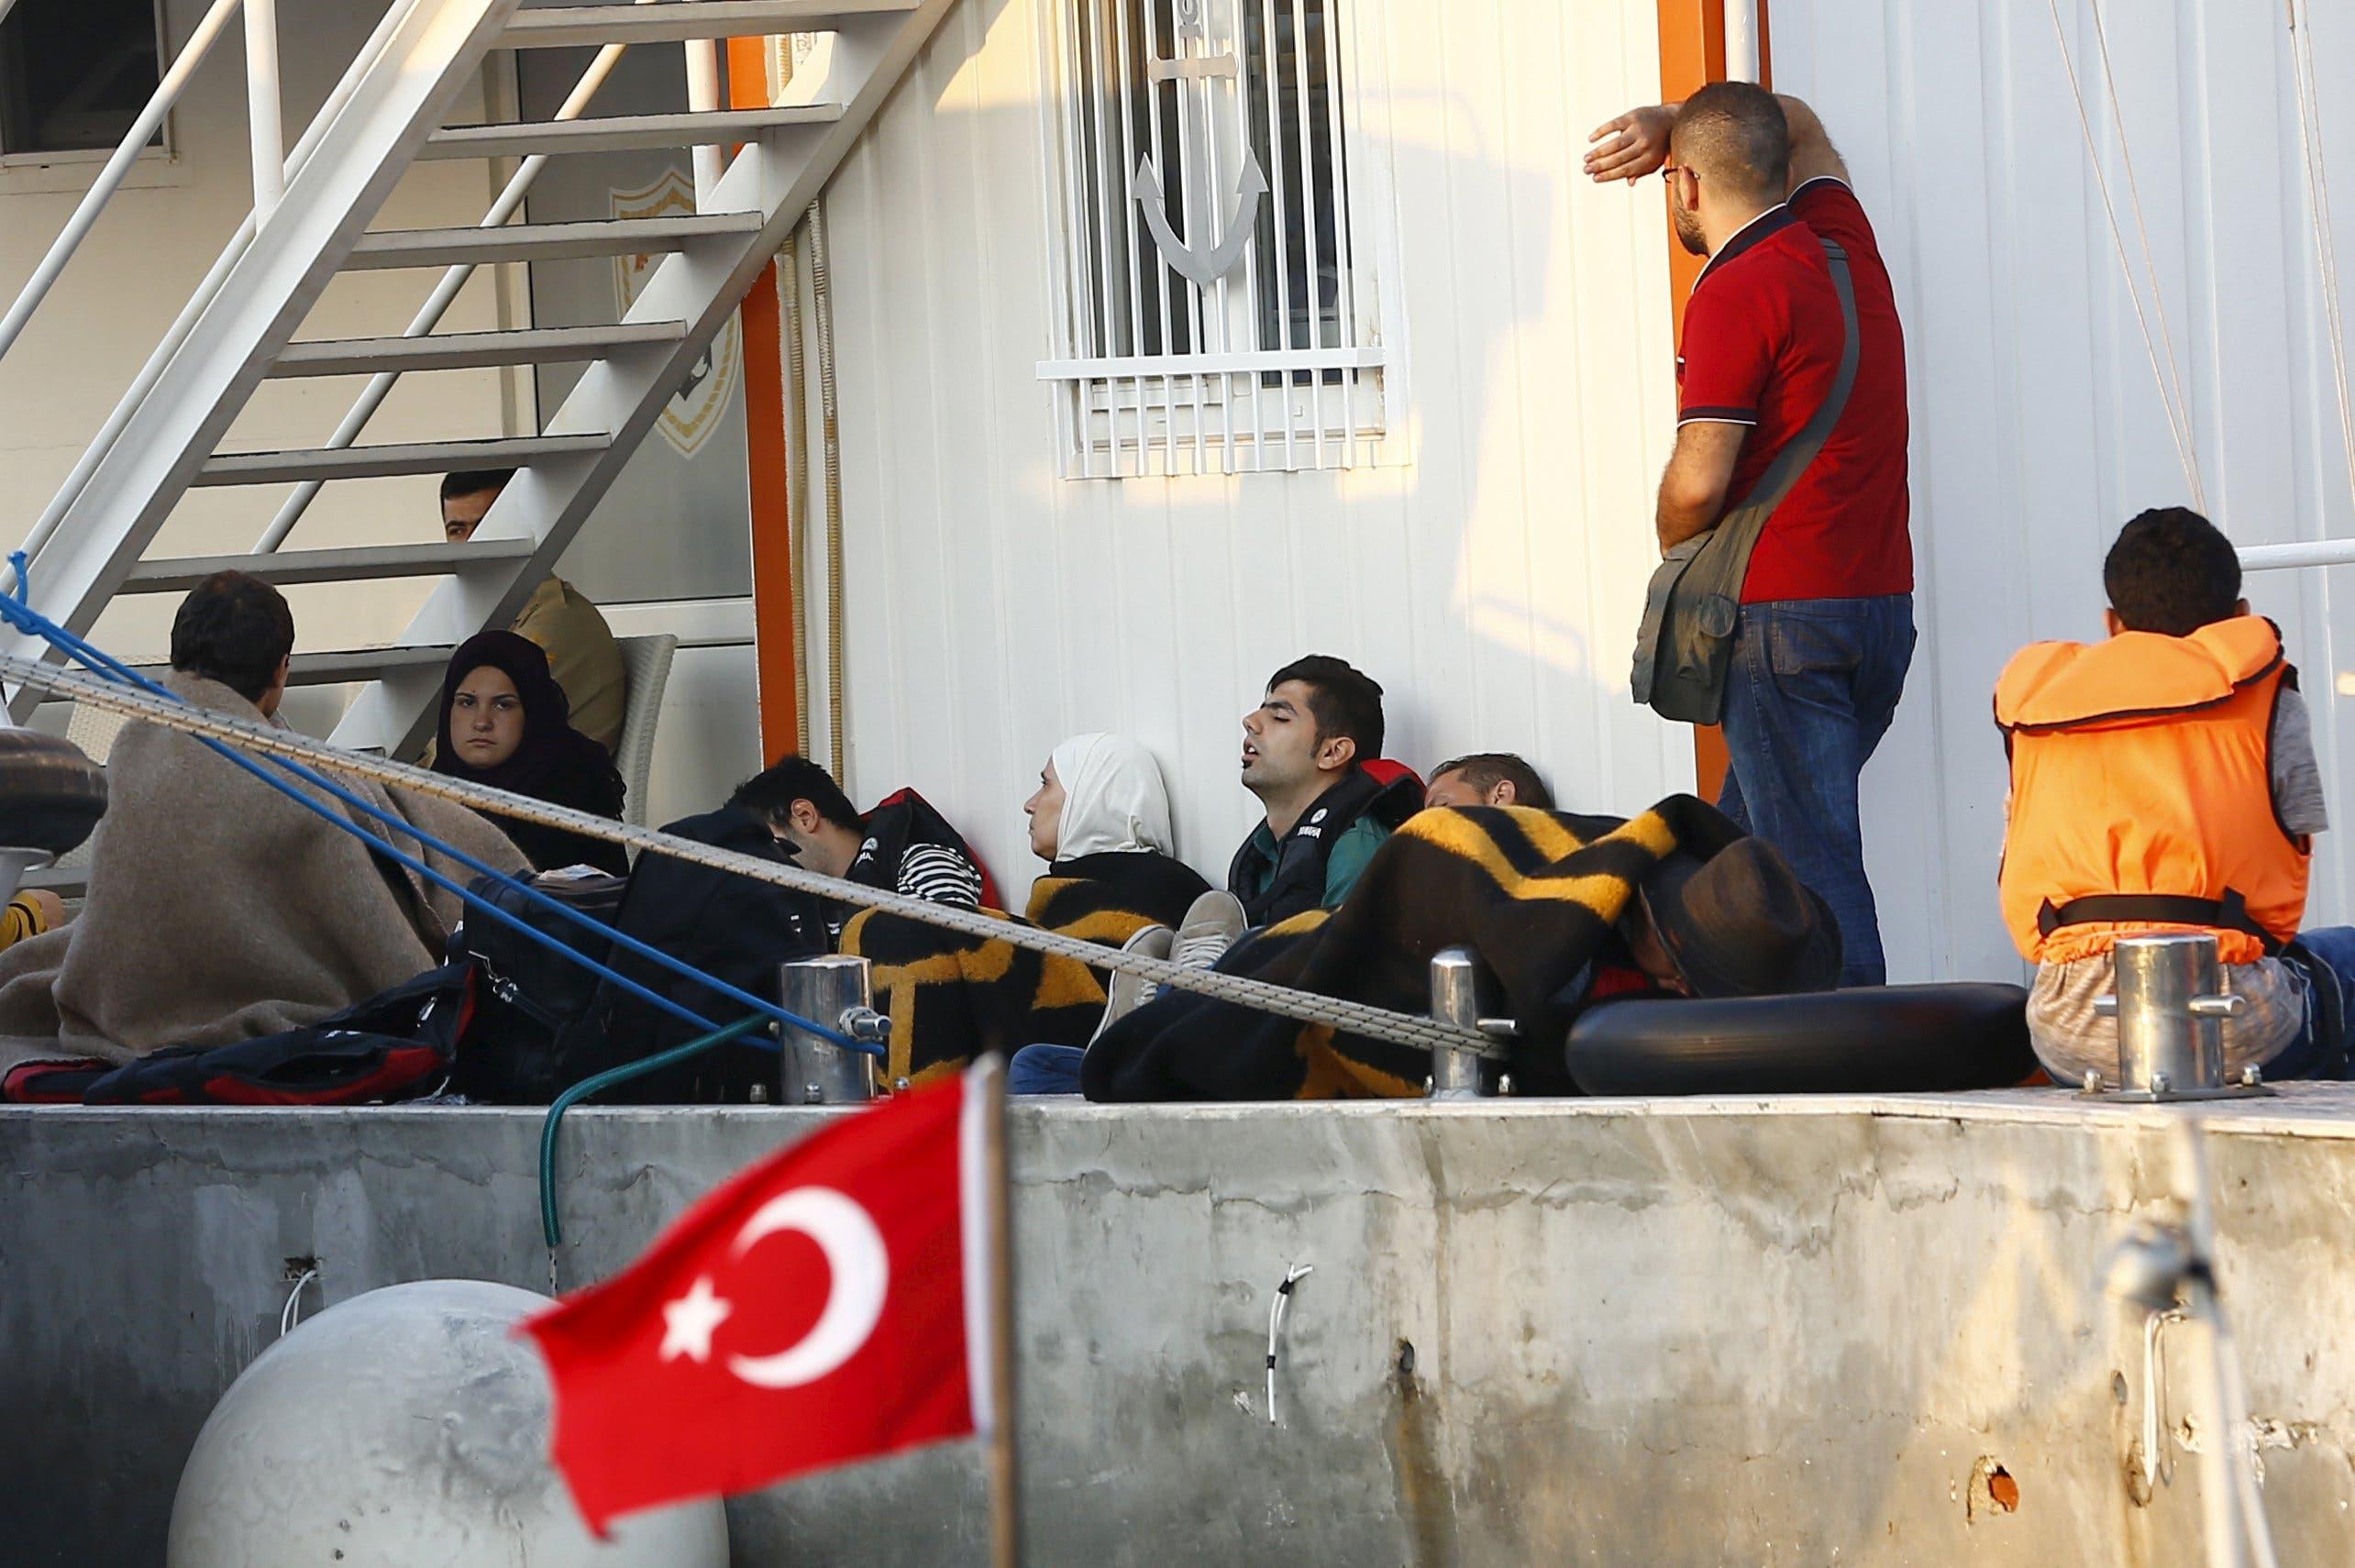 لاجئون سوريون في مقر خفر السواحل بتركيا